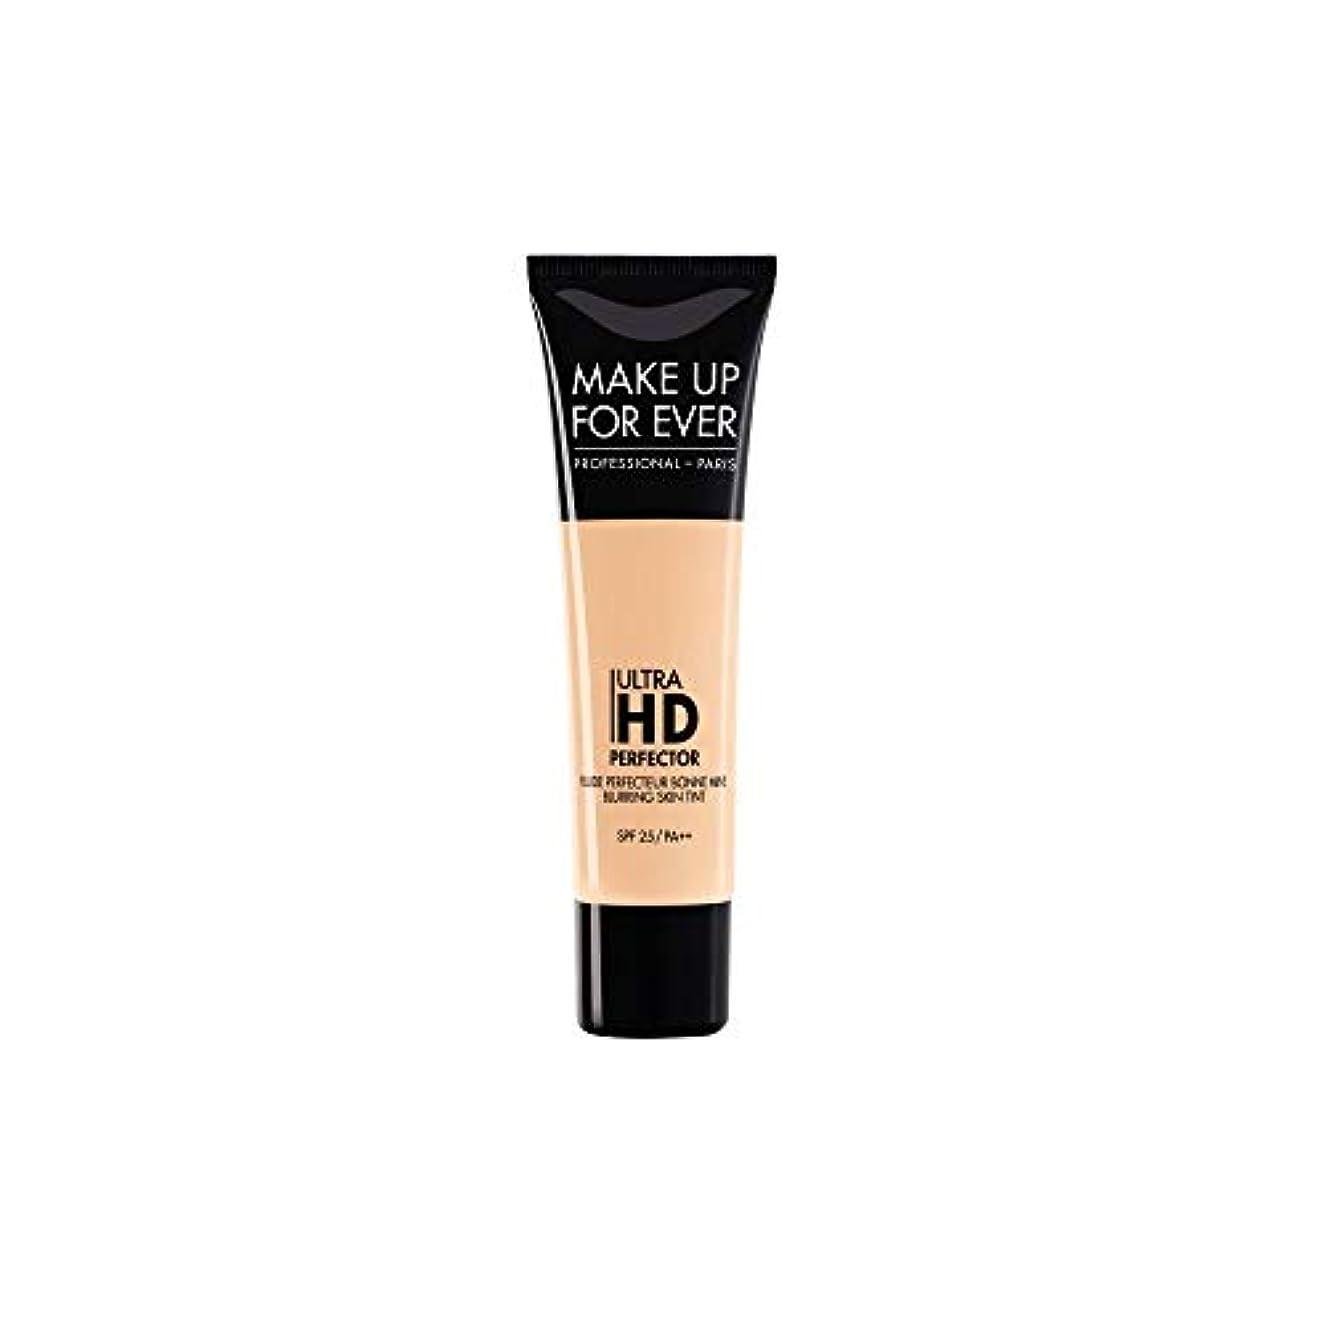 恵み生息地販売計画メイクアップフォーエバー Ultra HD Perfector Blurring Skin Tint SPF25 - # 02 Pink Sand 30ml/1.01oz並行輸入品